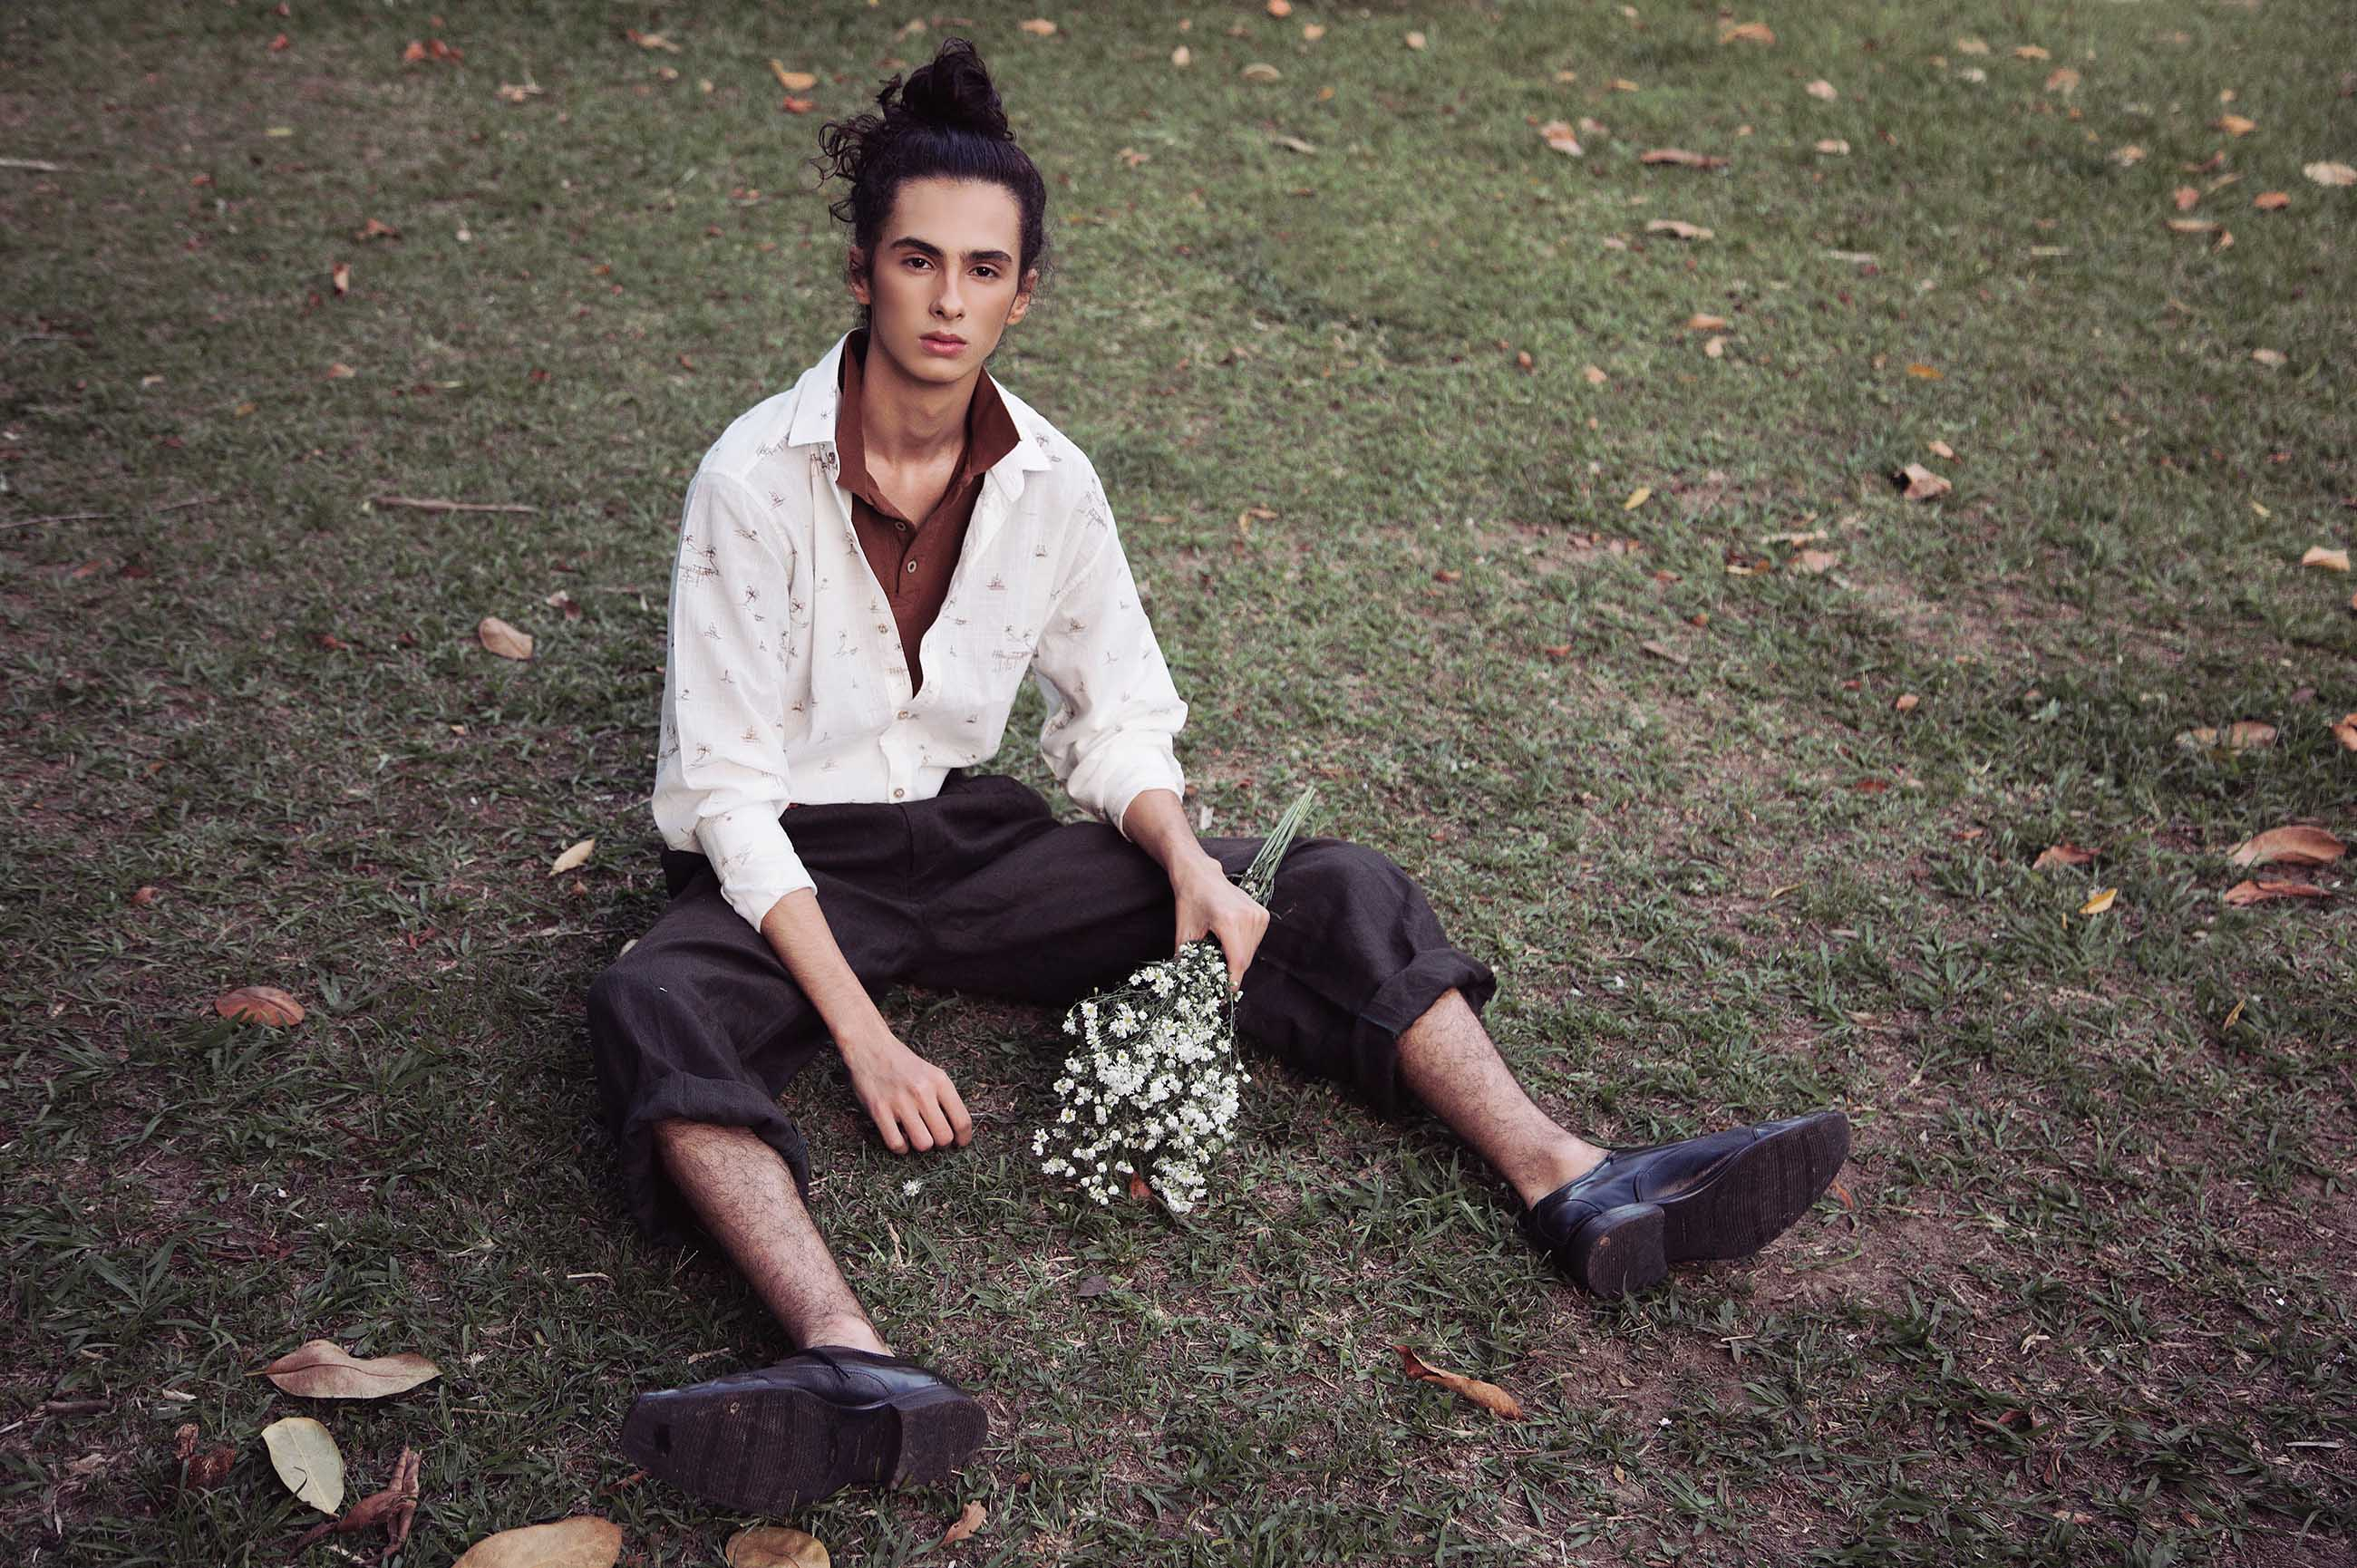 Roberto Castro by Moises Almeida for Brazilian Male Model